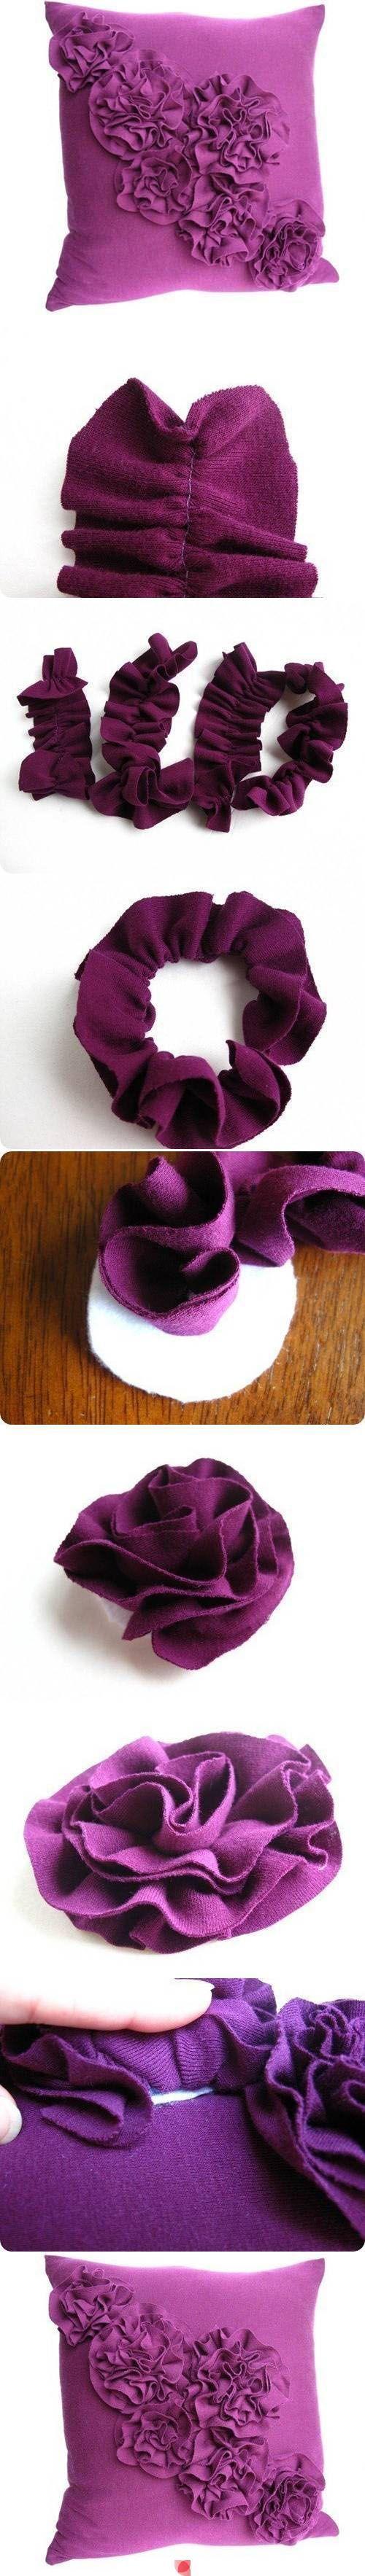 Kadife kumaşla yastık süsü yapmak için paylaştığım bu güzel çalışmayı beğeneceğinizi düşünüyorum. Anlatımlı yastık süsü yapmak için kumaş olarak kendinize uygun malzemeler kullanmayı tercih edebili…